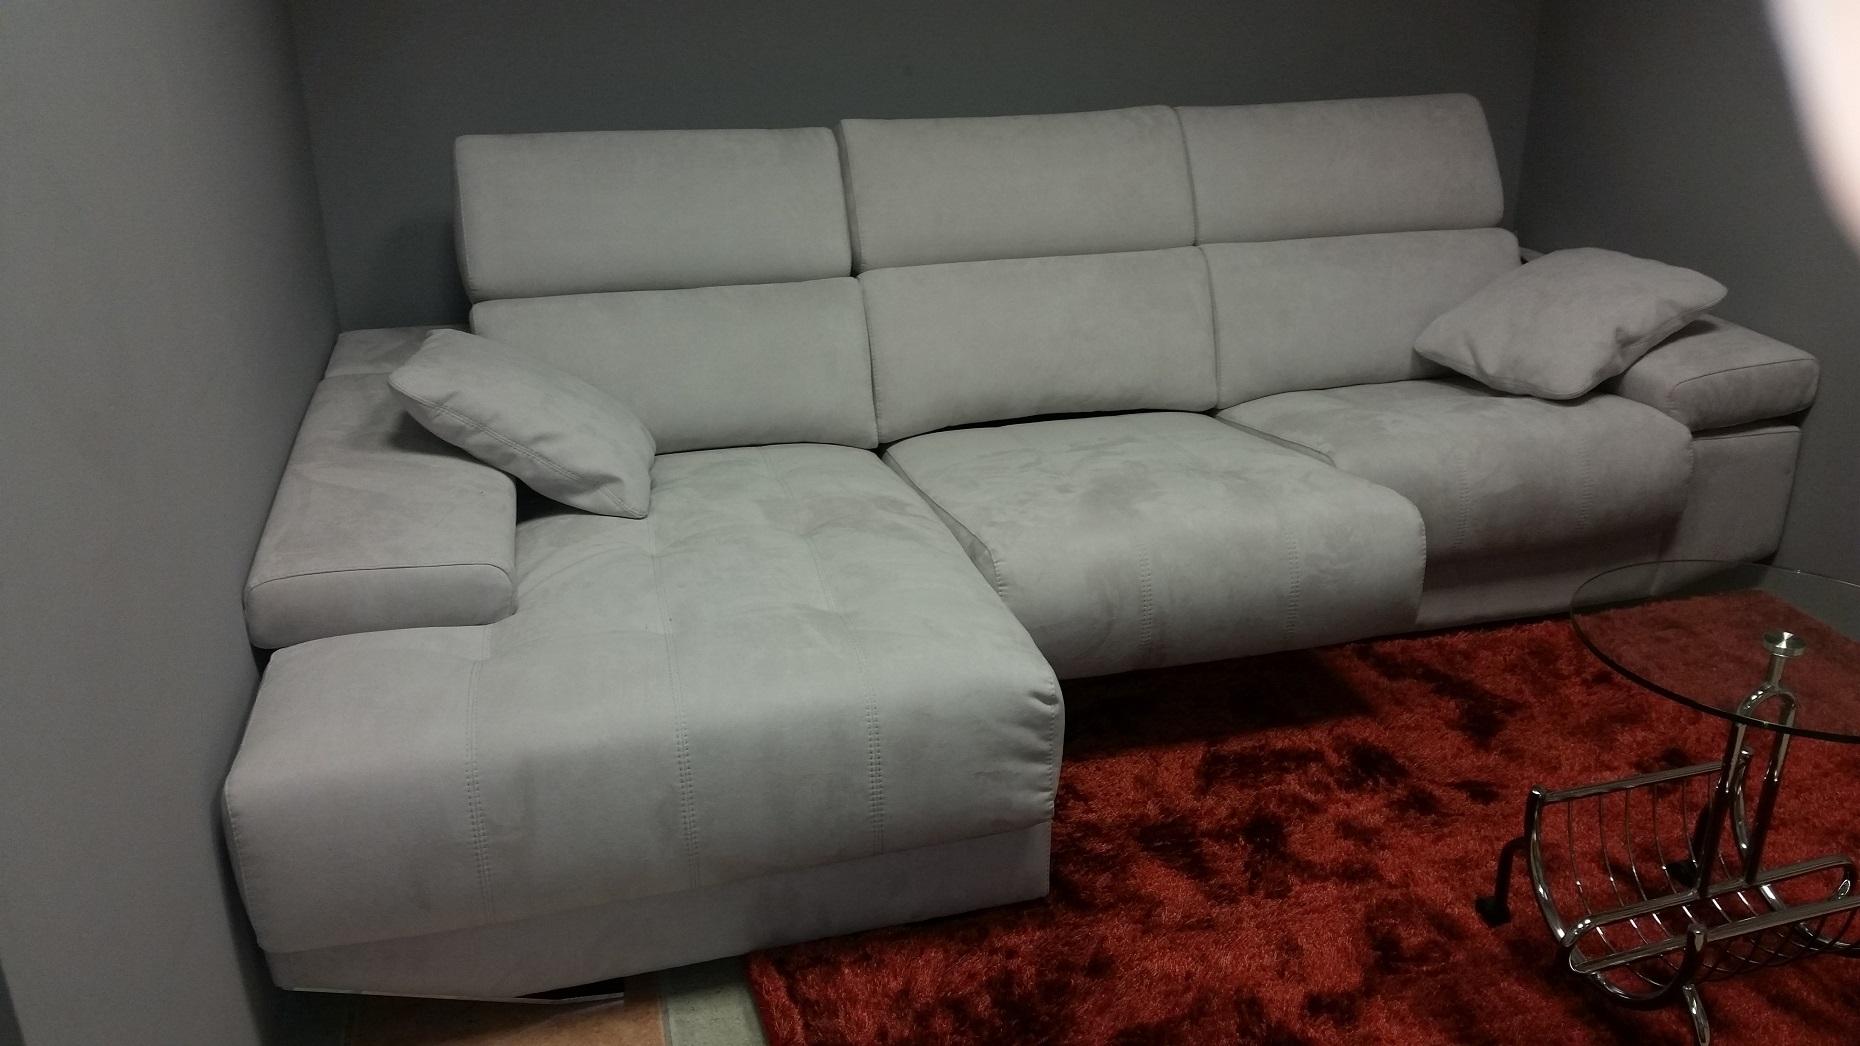 Divano 3 posti con penisola divani a prezzi scontati - Divano lungo 250 cm ...